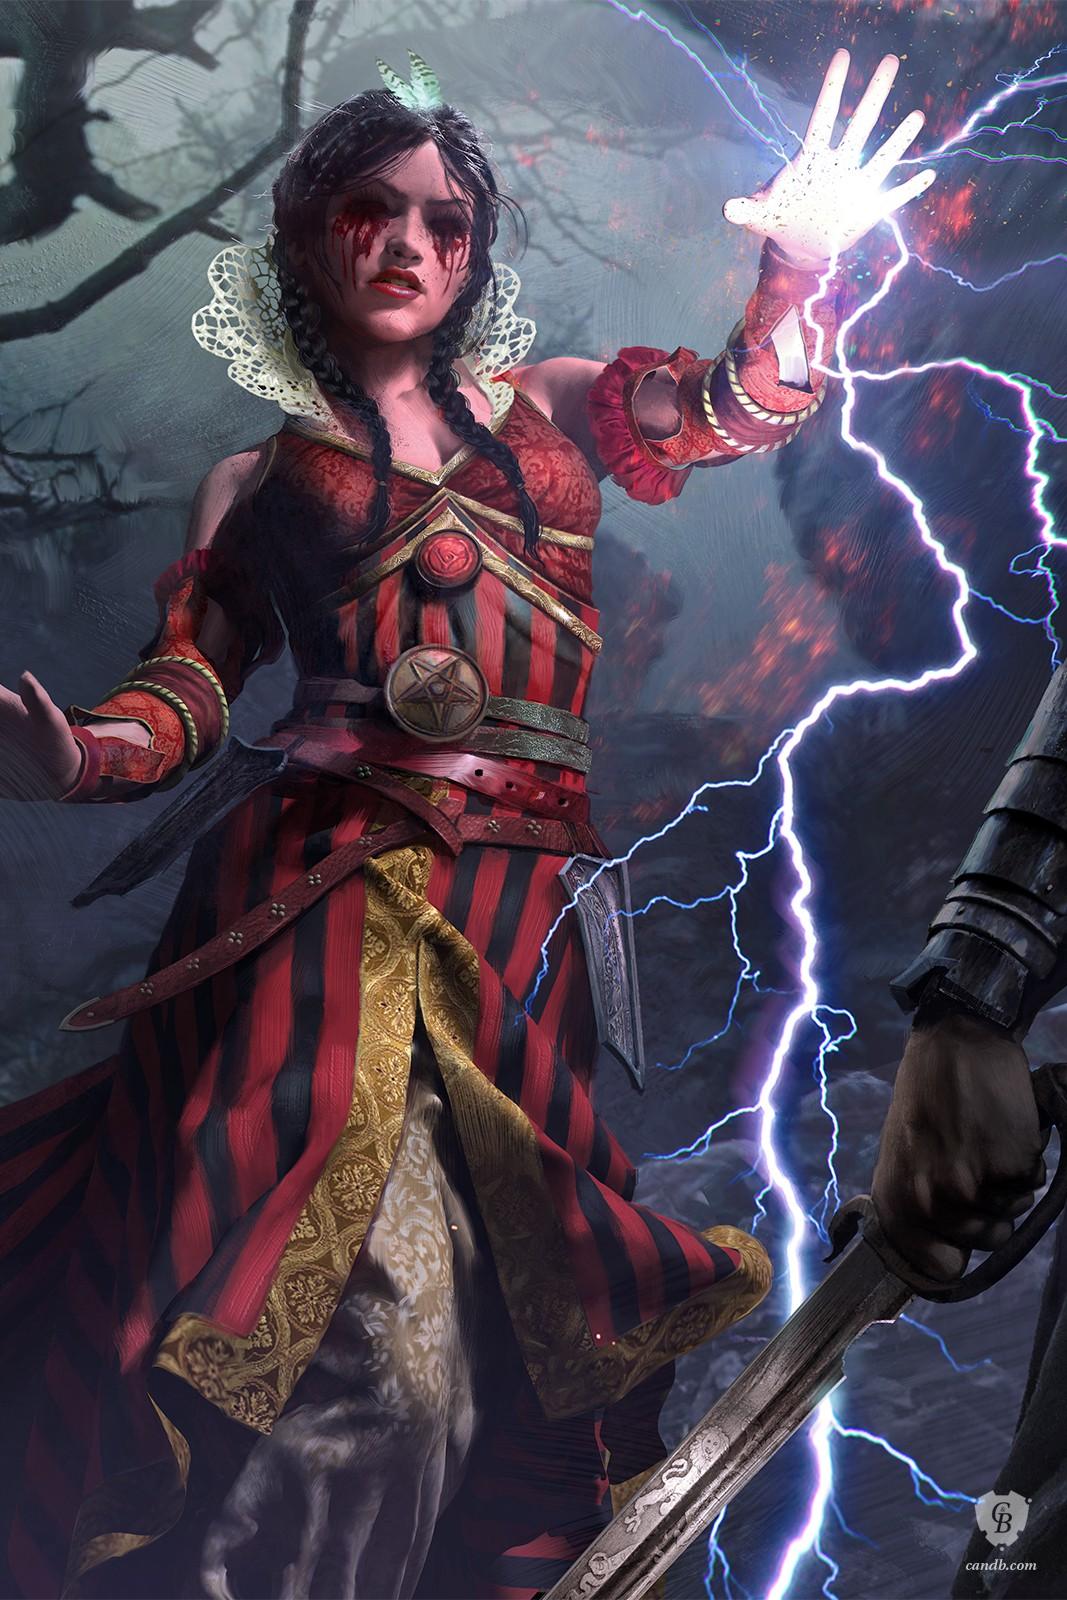 Artwork philippa witcher 3 cd projekt red - Ciri gwent card witcher 3 ...